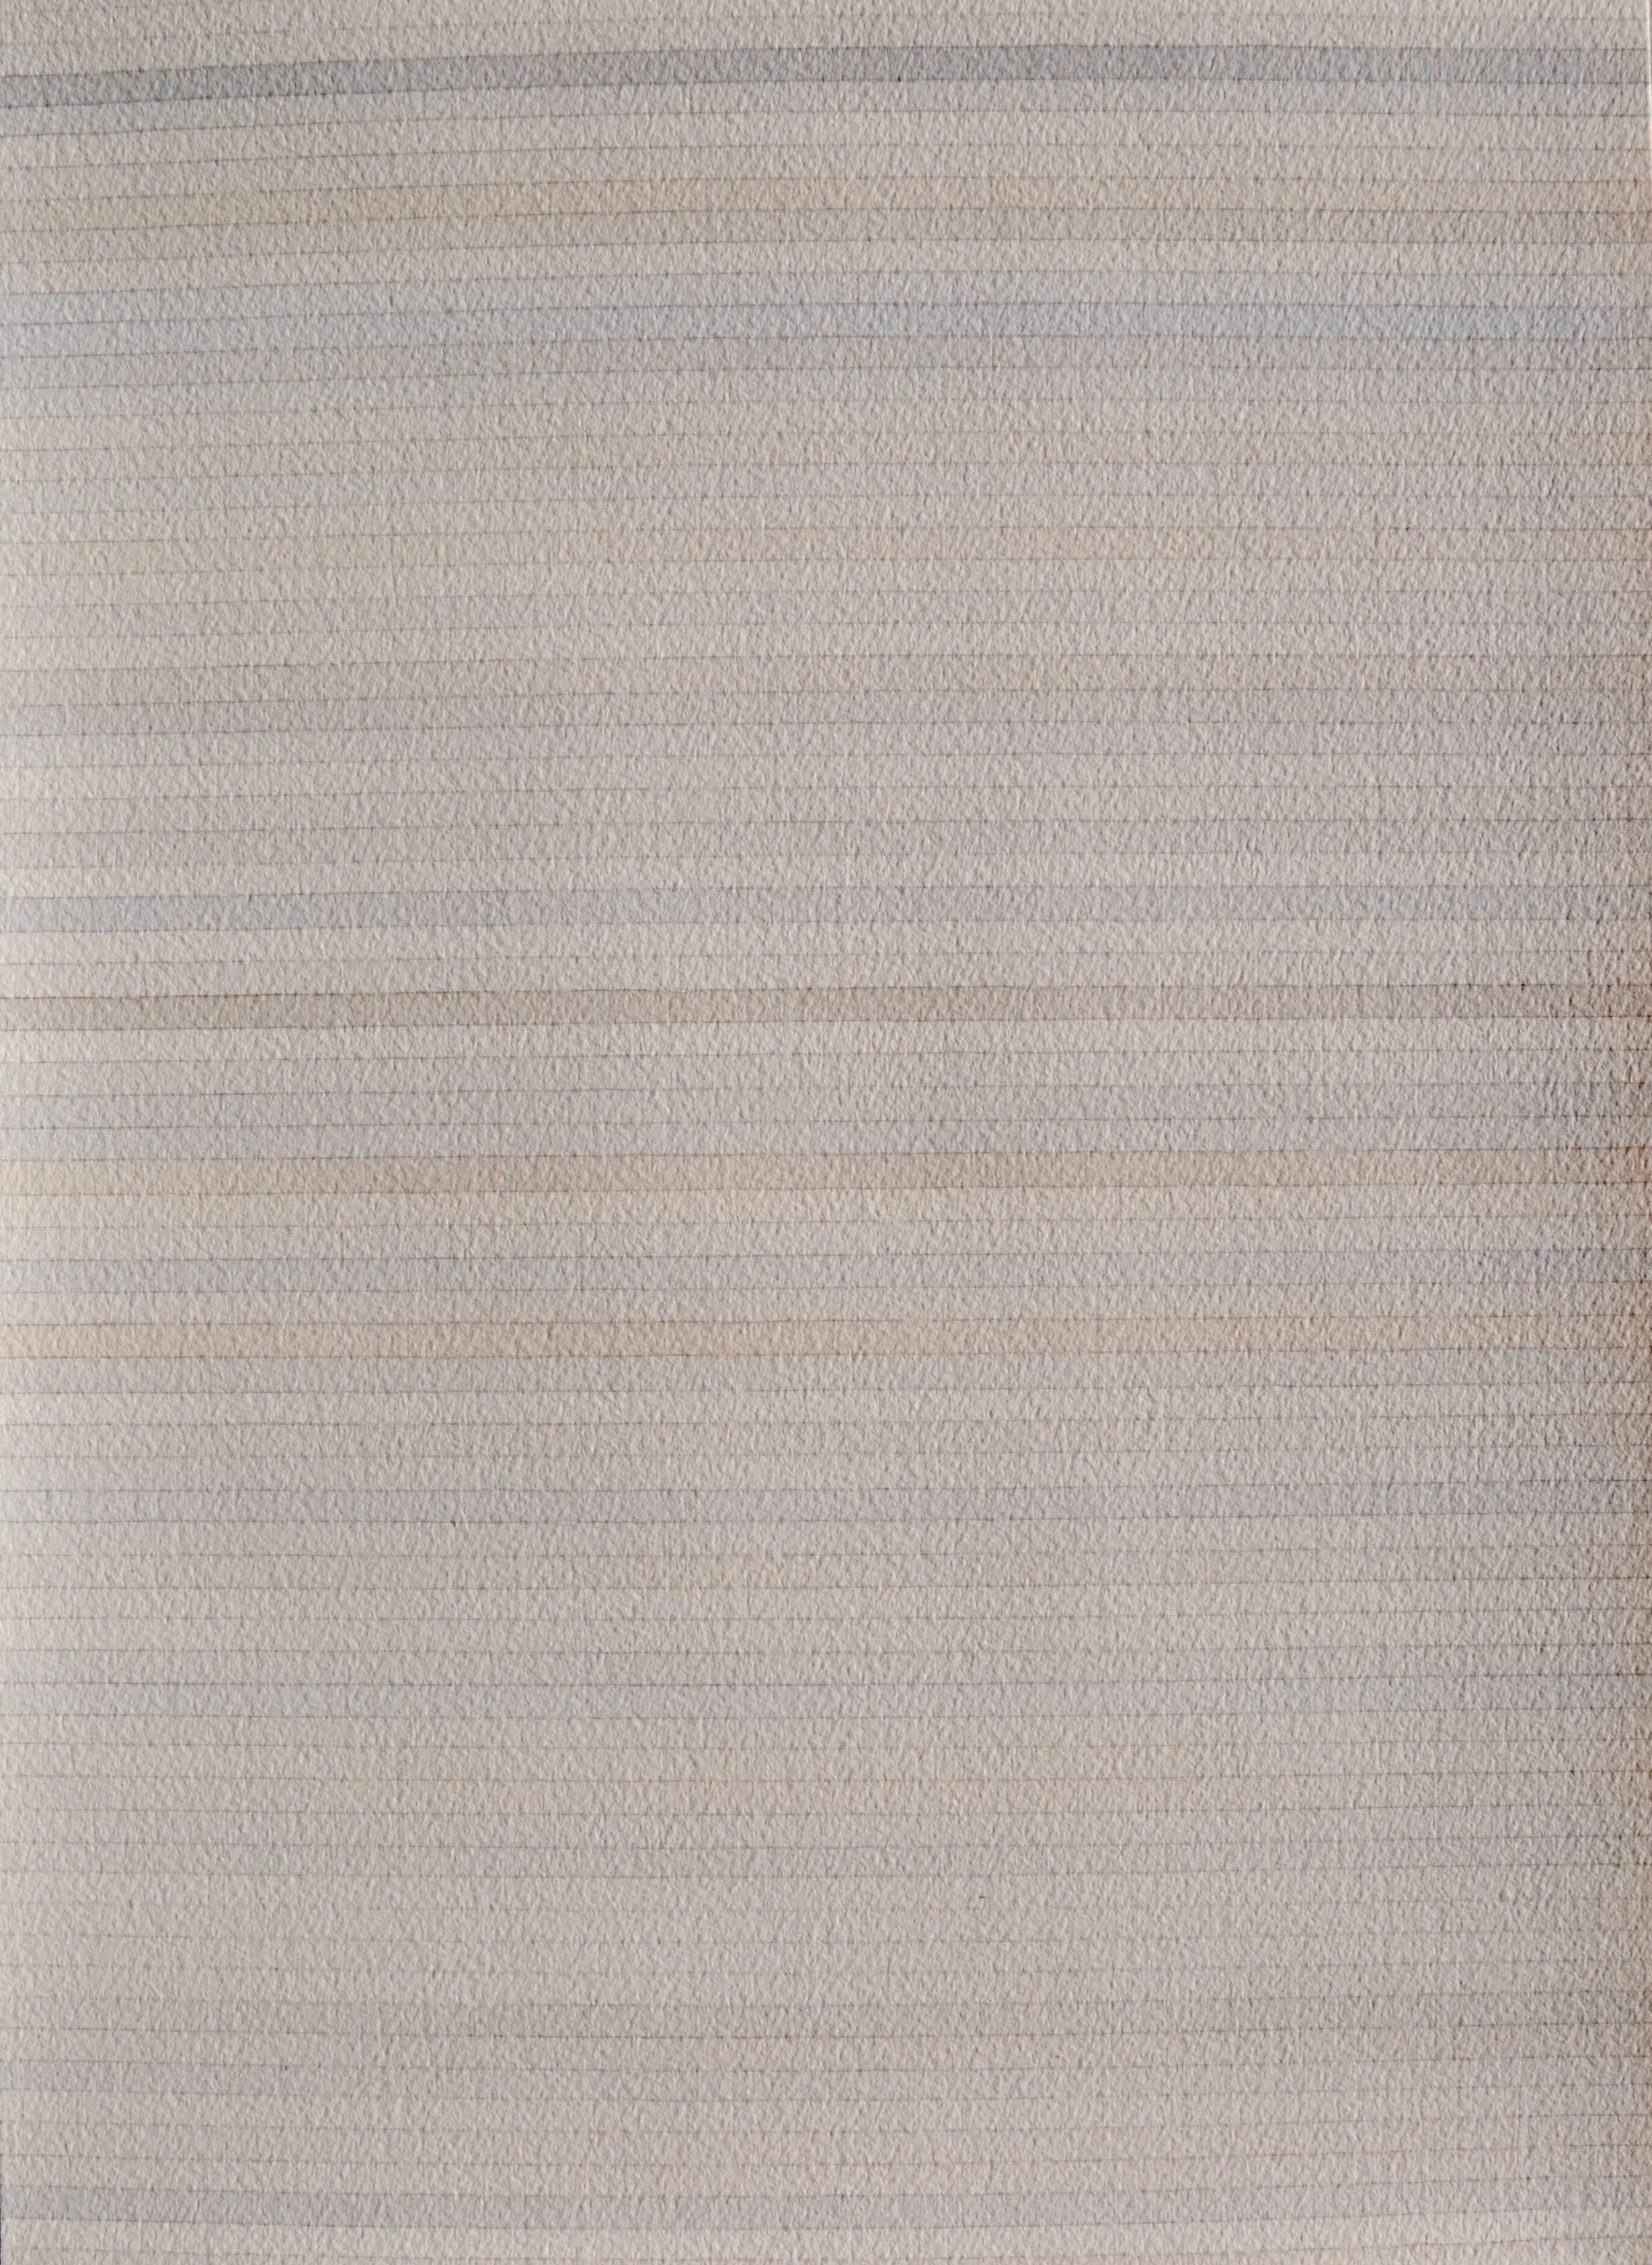 Sans titre, lignes grises et brunes